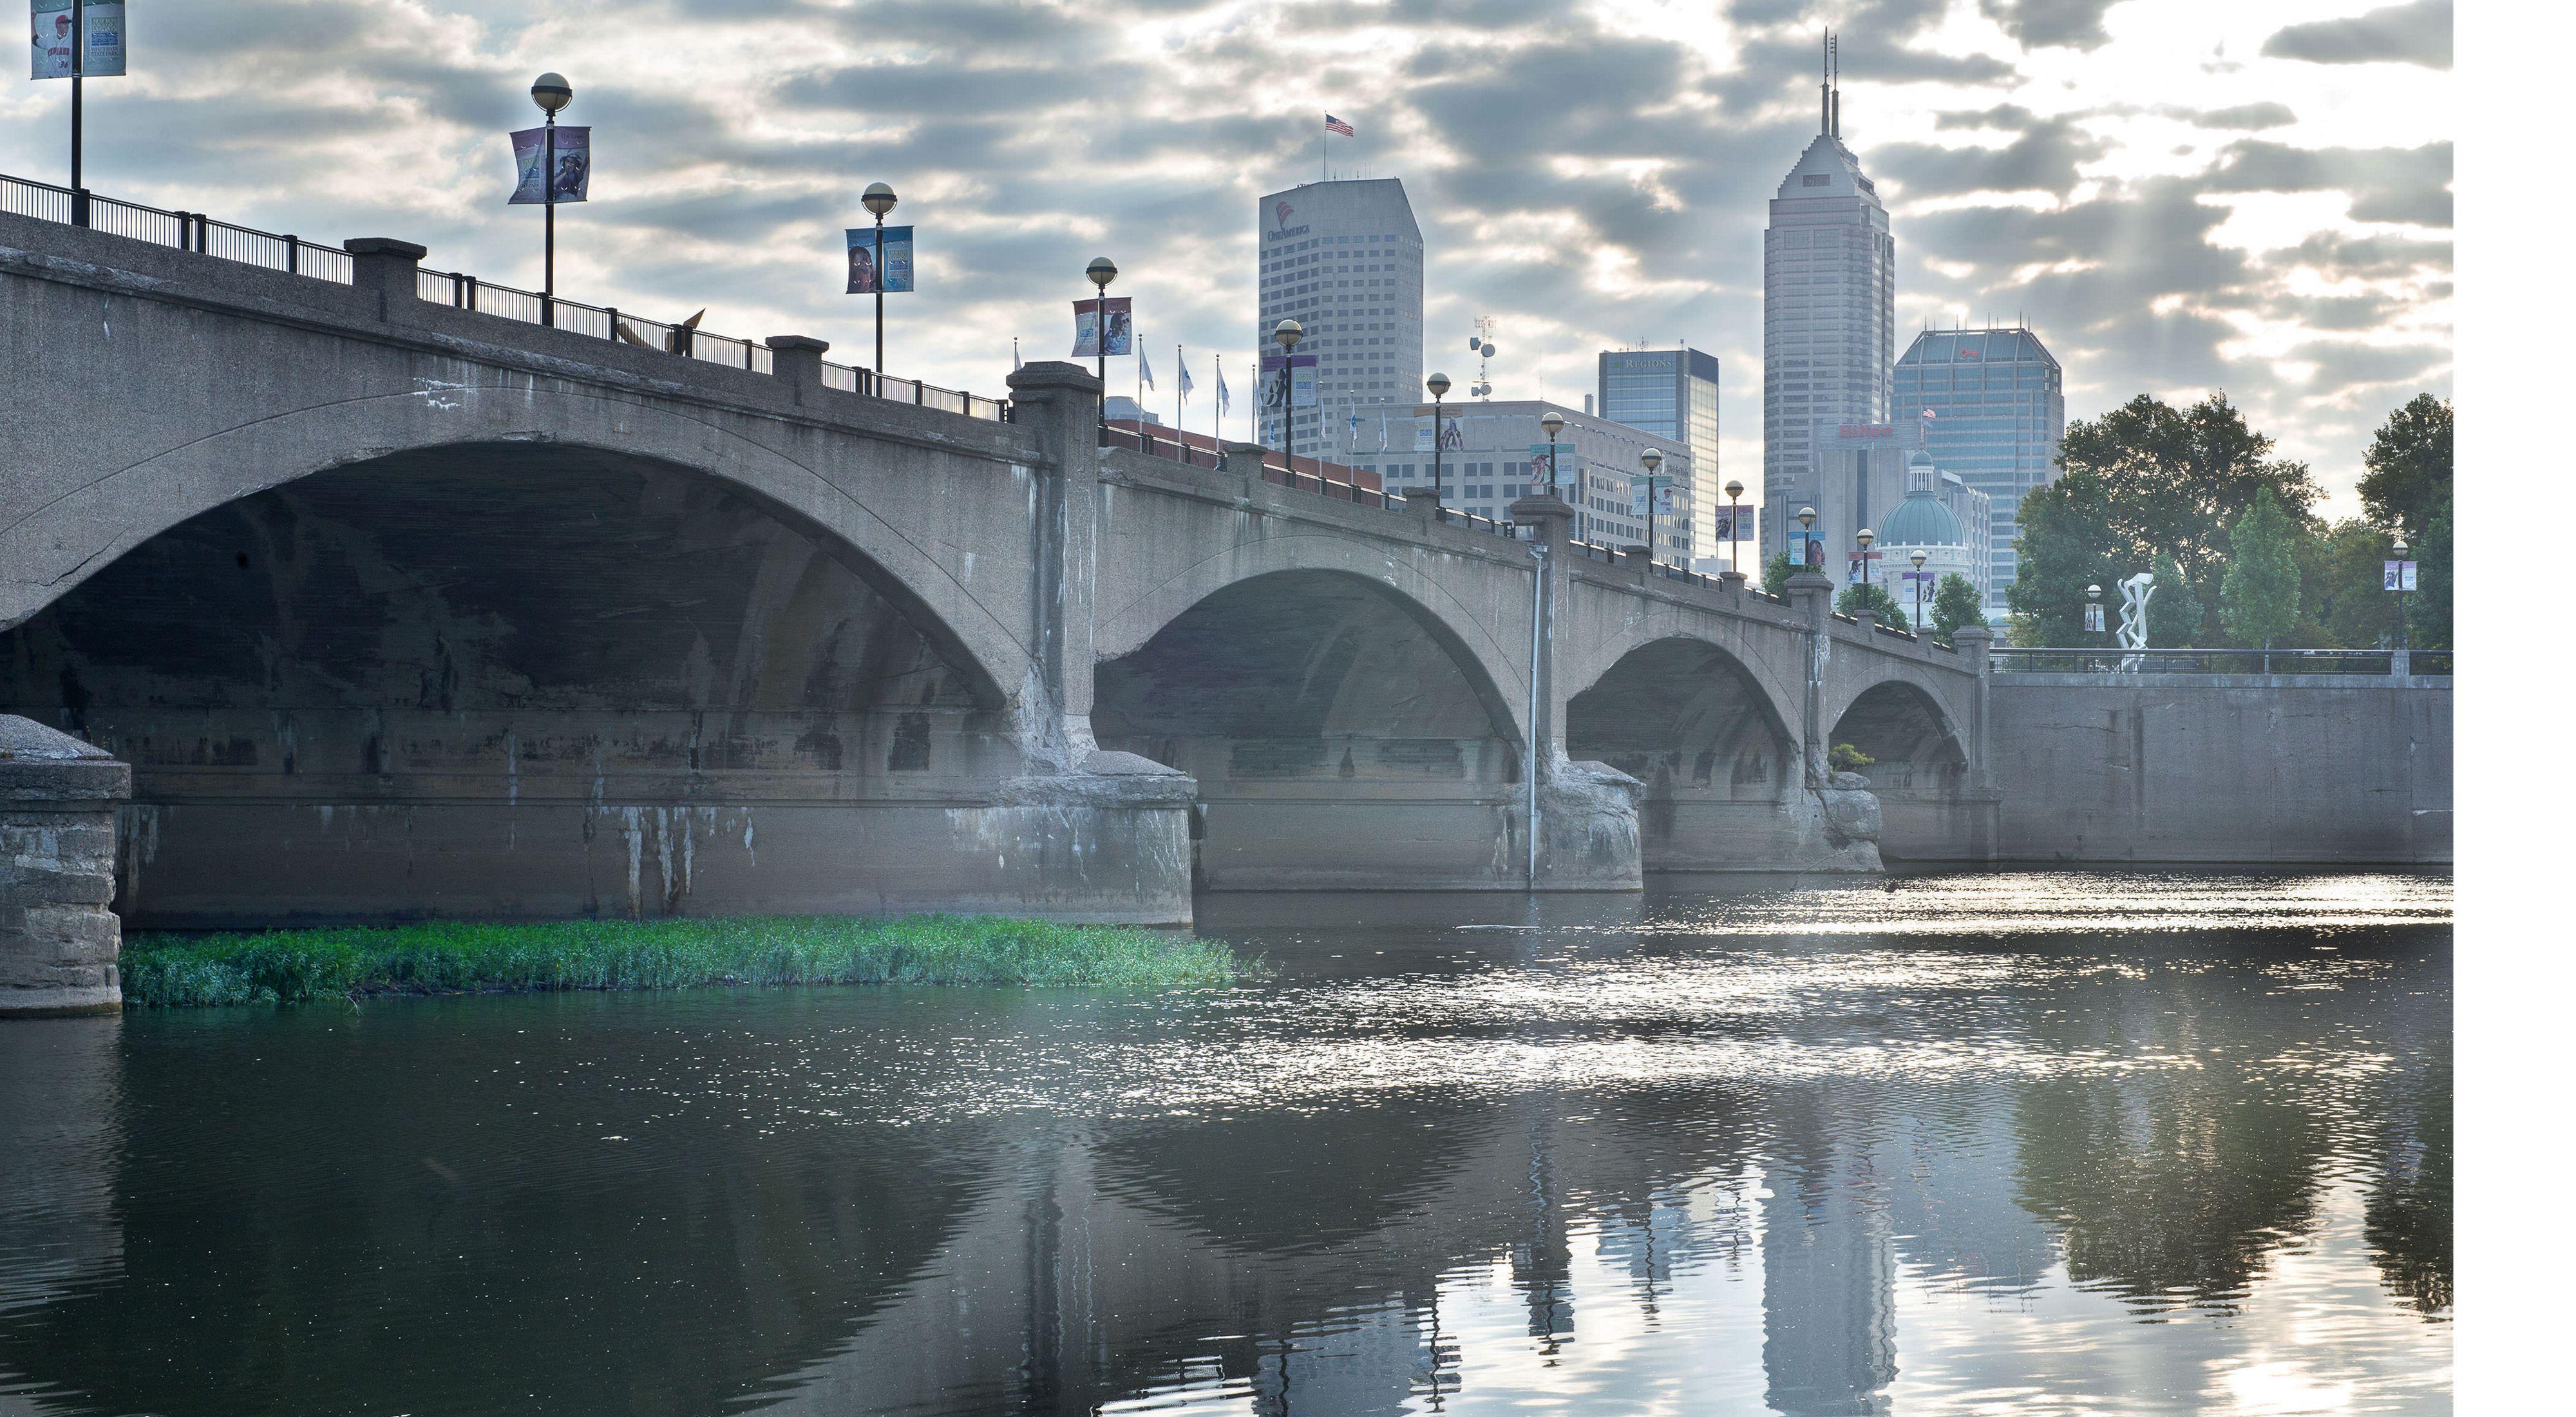 White River as it runs through Indianapolis